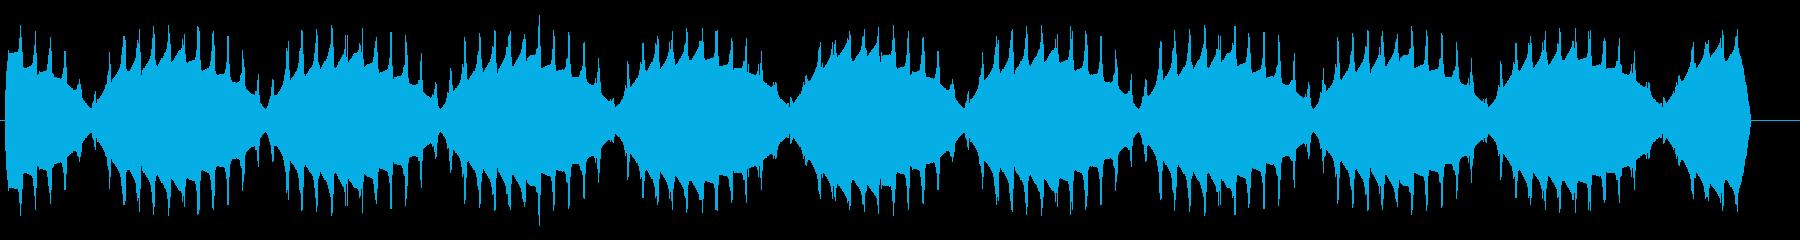 ボワーン(揺らぐ高音のワープエンジン)の再生済みの波形